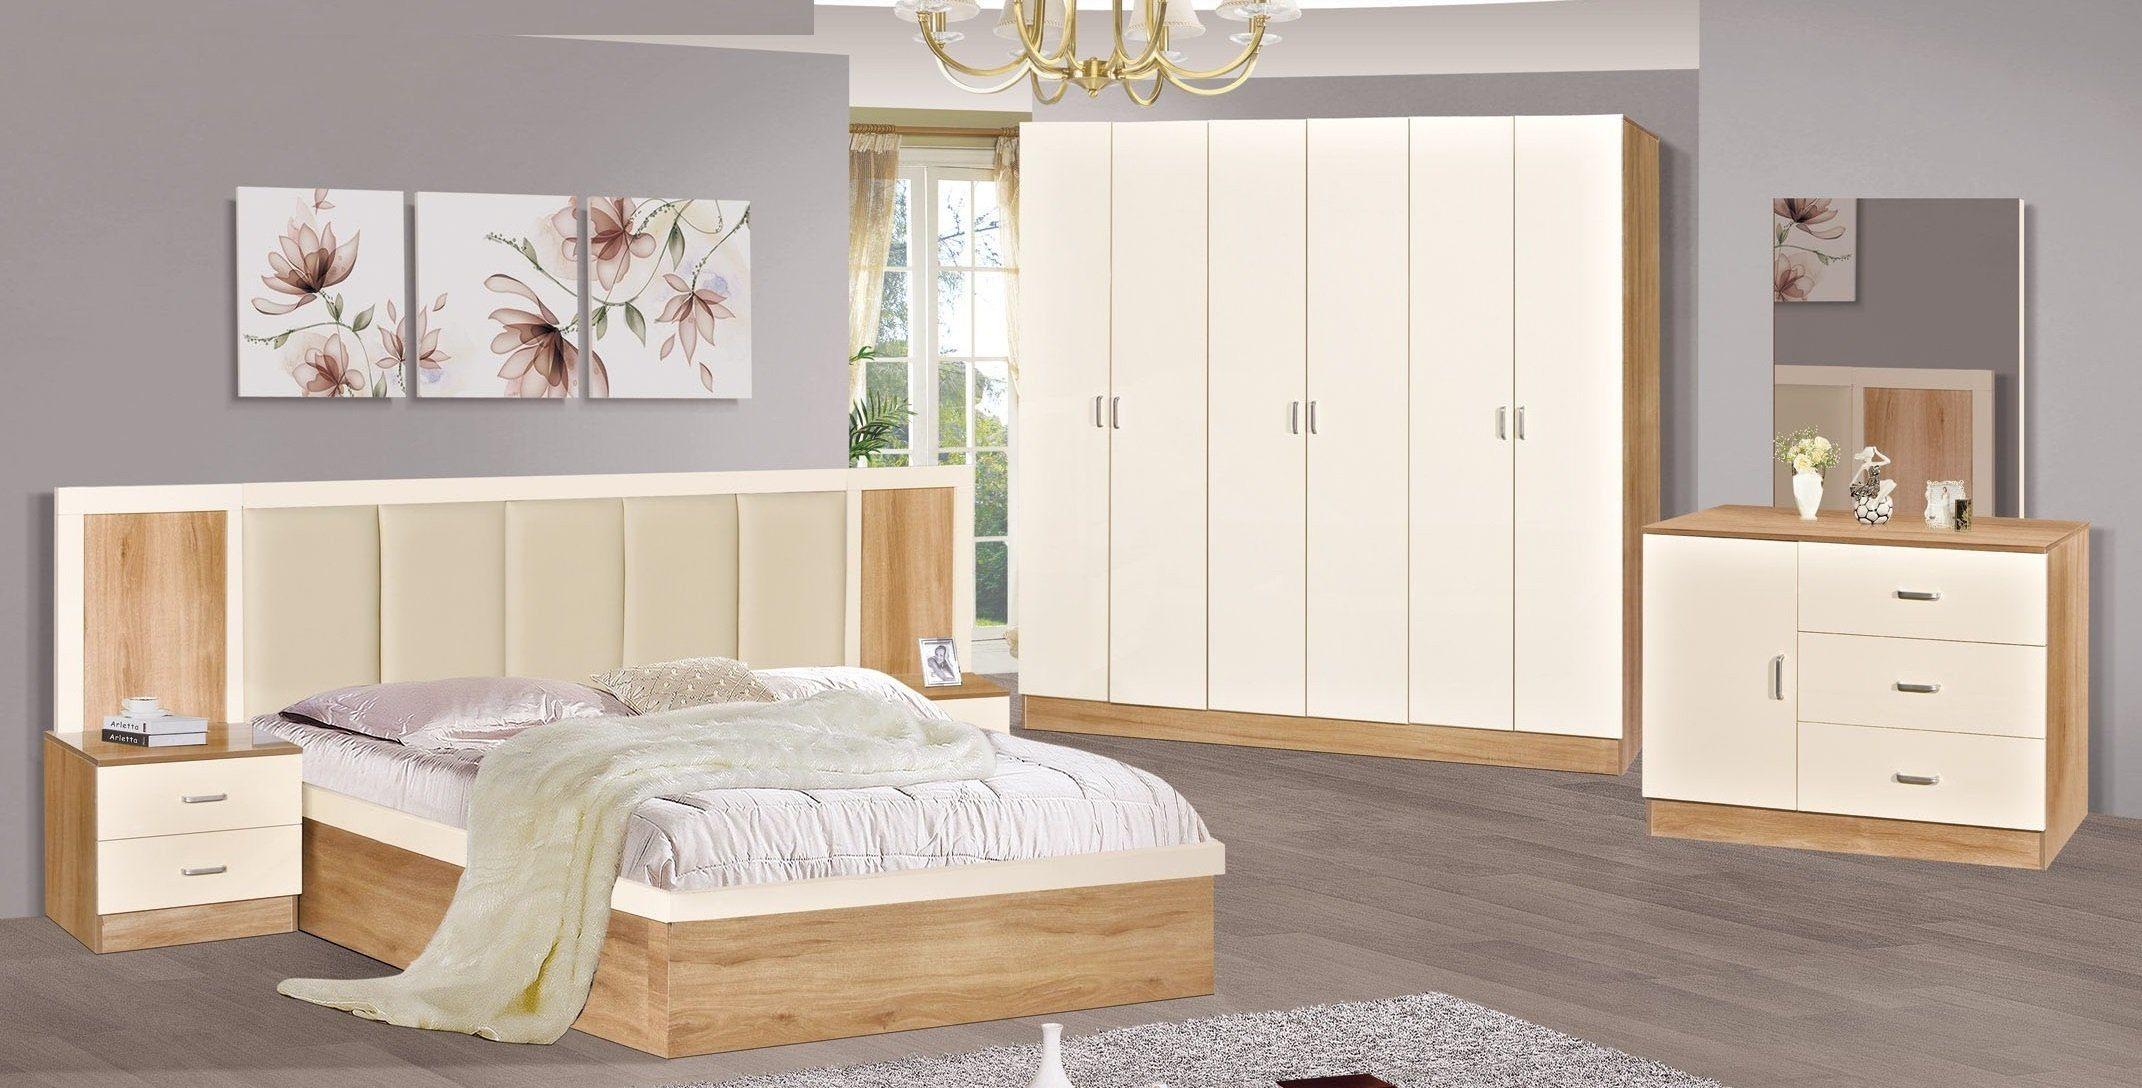 [Hot Item] New Design Modern Furniture Bedroom Sets Melamine Finish  Wardrobe Dressing Table King Antique Bed